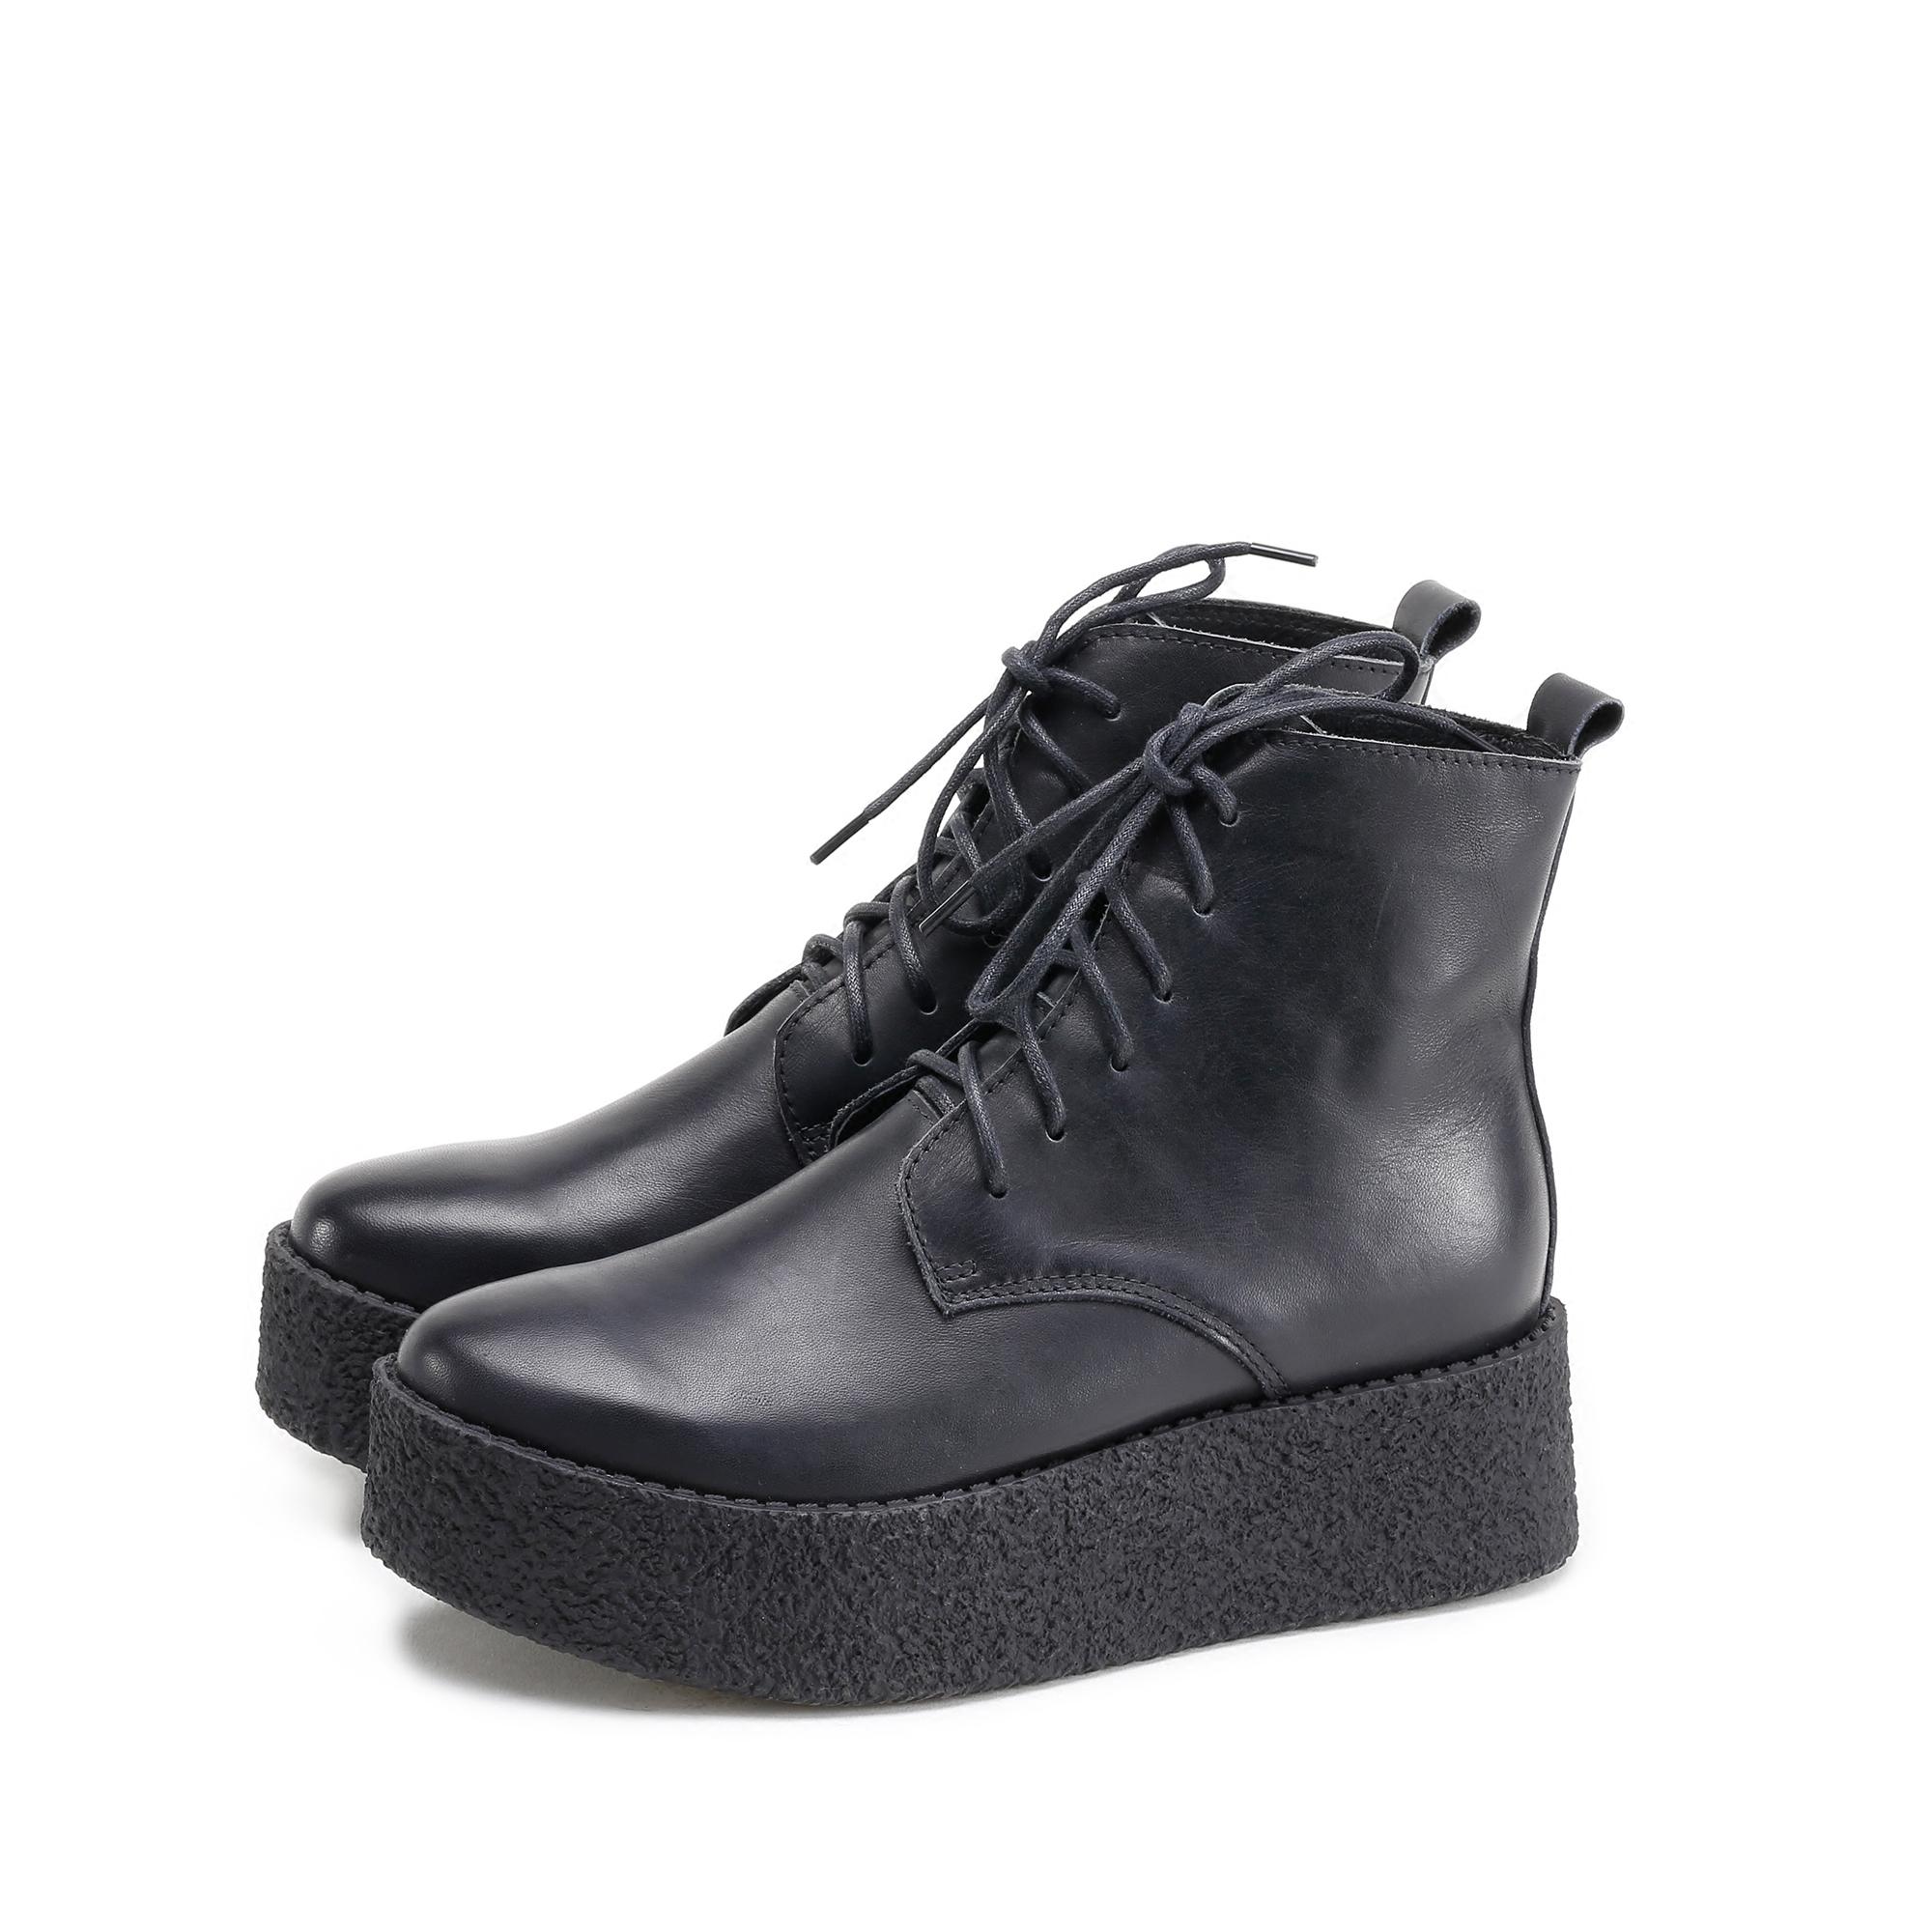 素朴な人の真情はビスケットの底のショートブーツの皮の純色のレジャーの結び目の厚さの底に向って高くなります。手作りの秋冬の新型の女性靴です。